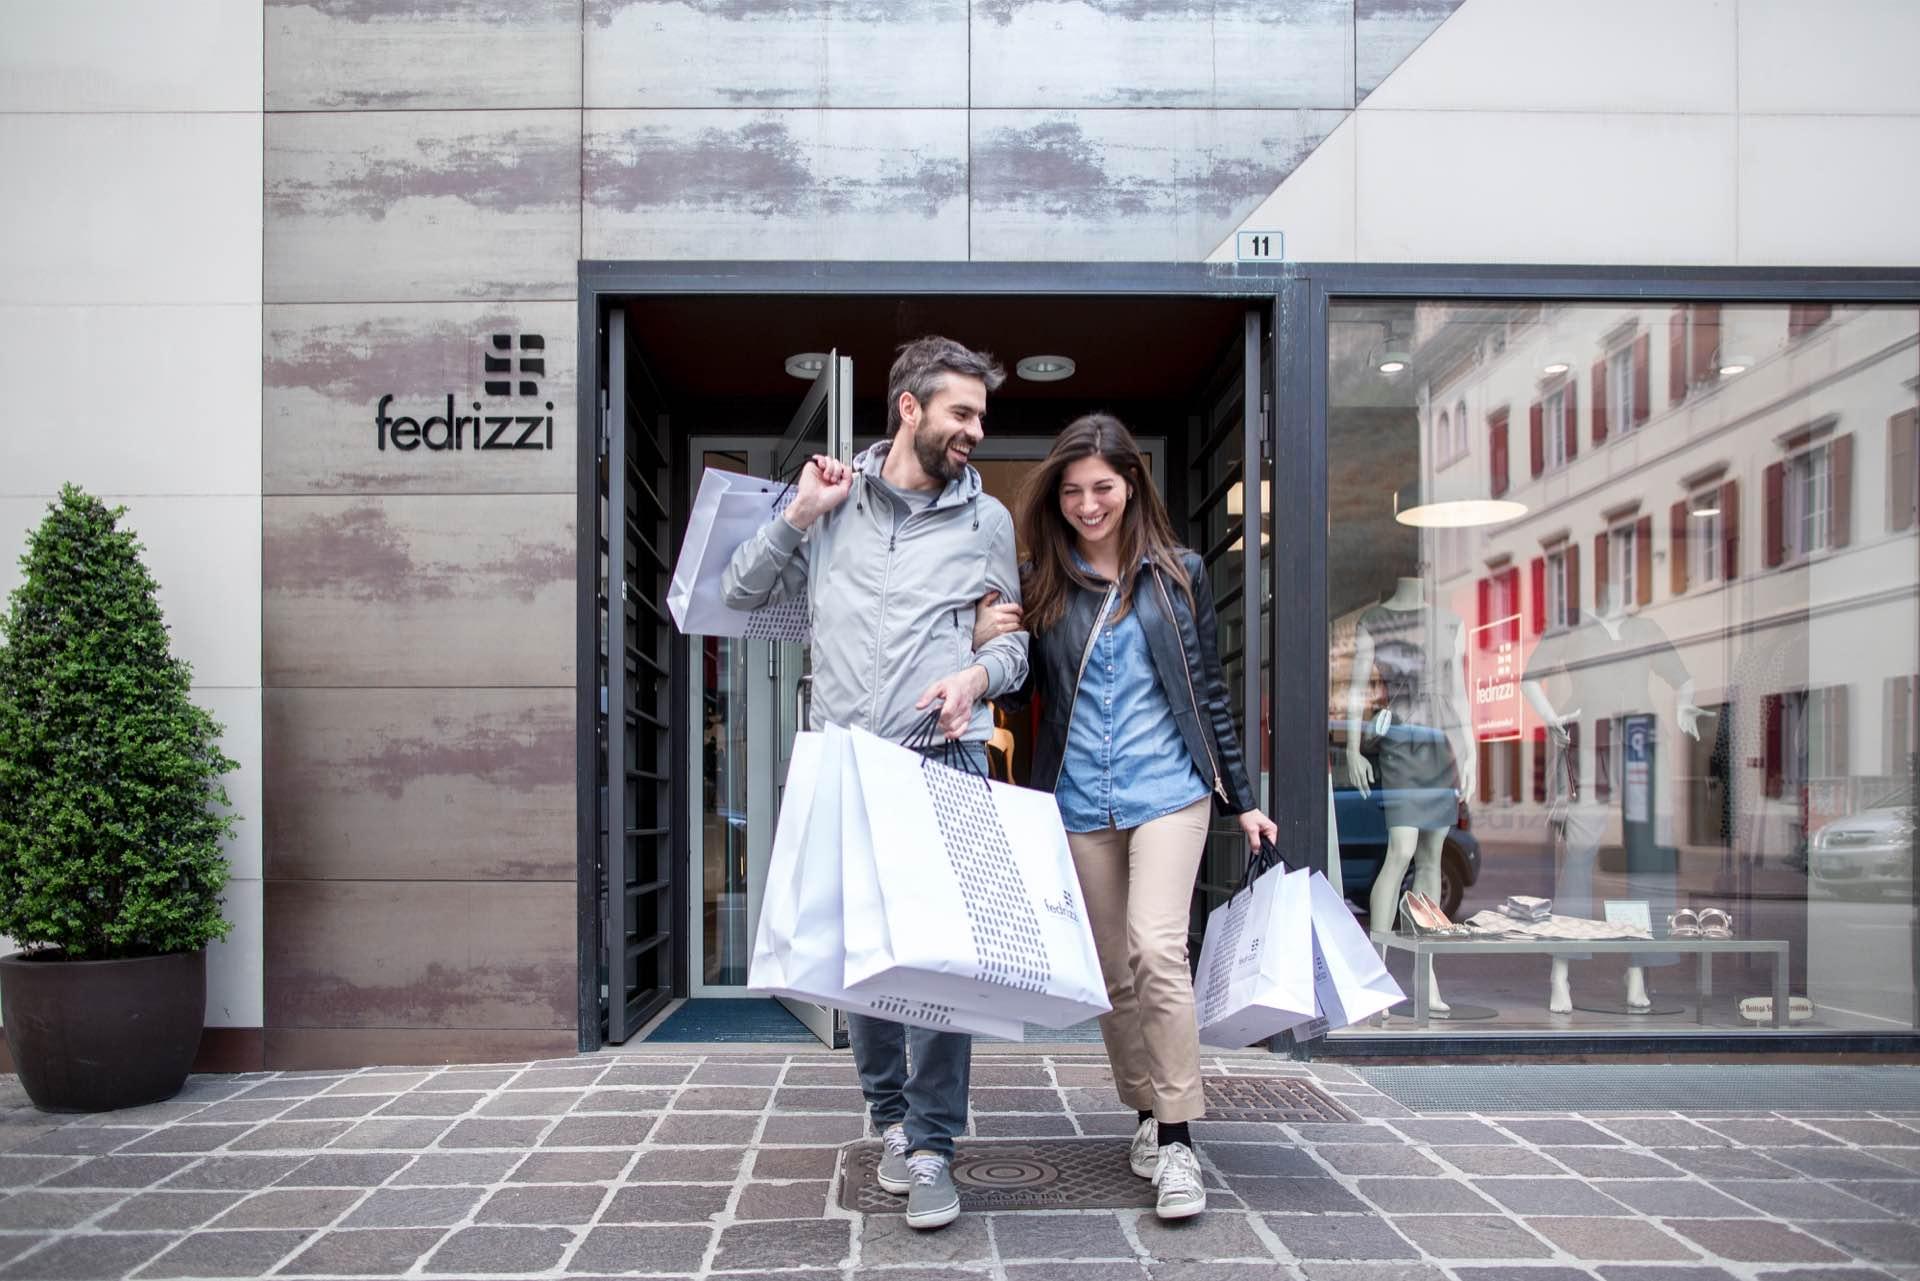 Negozi trento fedrizzi moda abbigliamento scarpe accessori for Orari apertura negozi trento